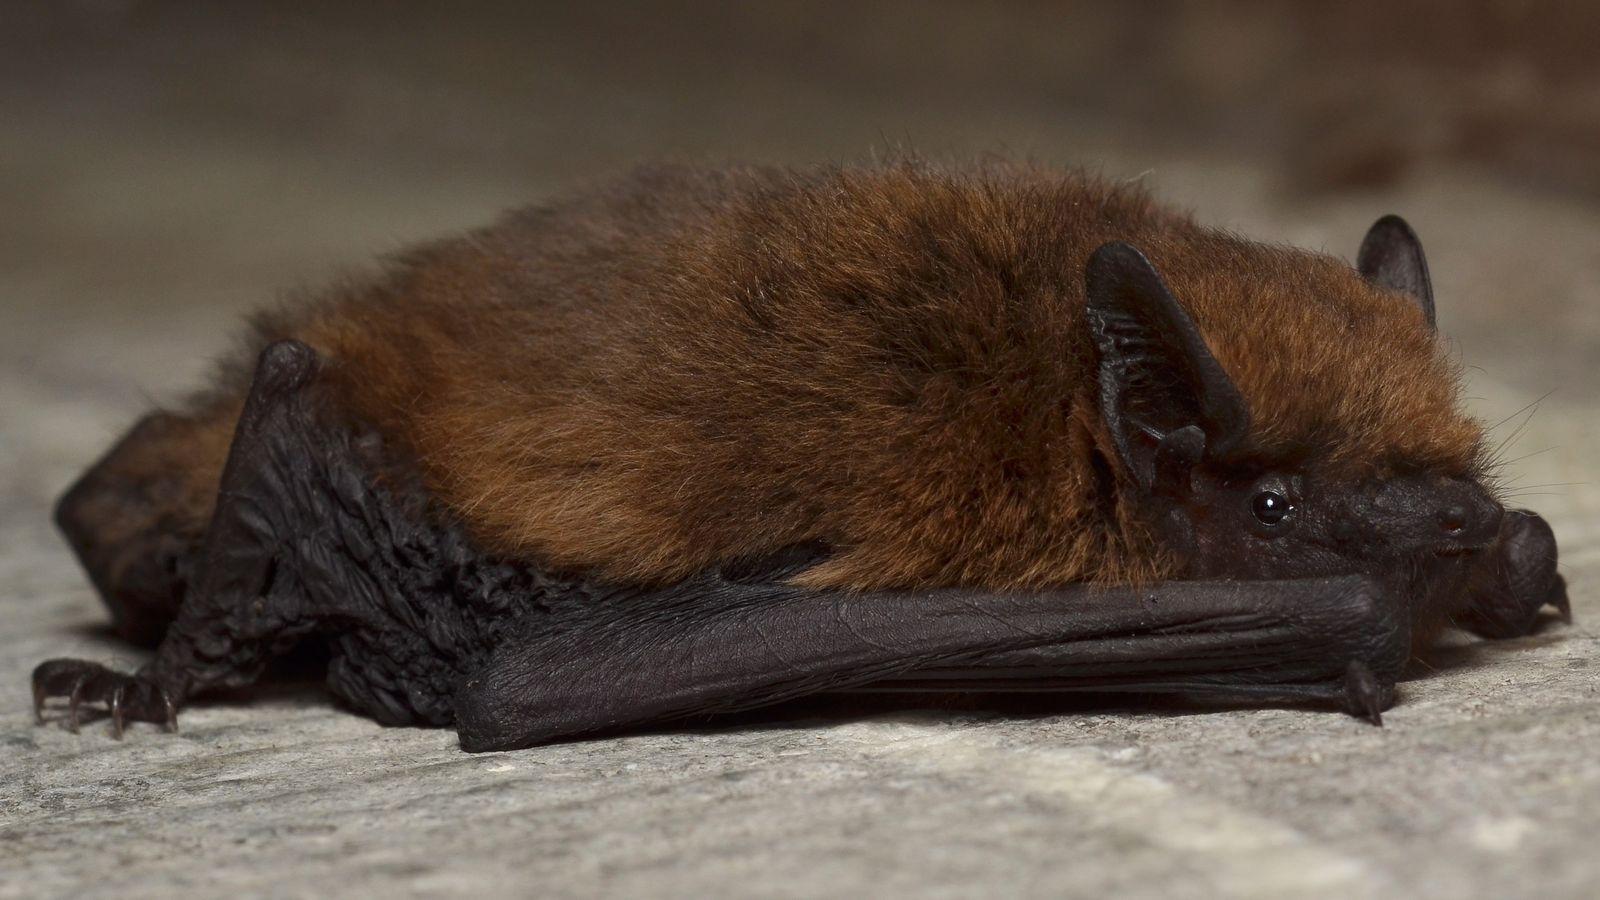 La pipistrelle commune ou Pipistrellus pipistrellus est la chauve-souris la plus fréquemment rencontrée en France.